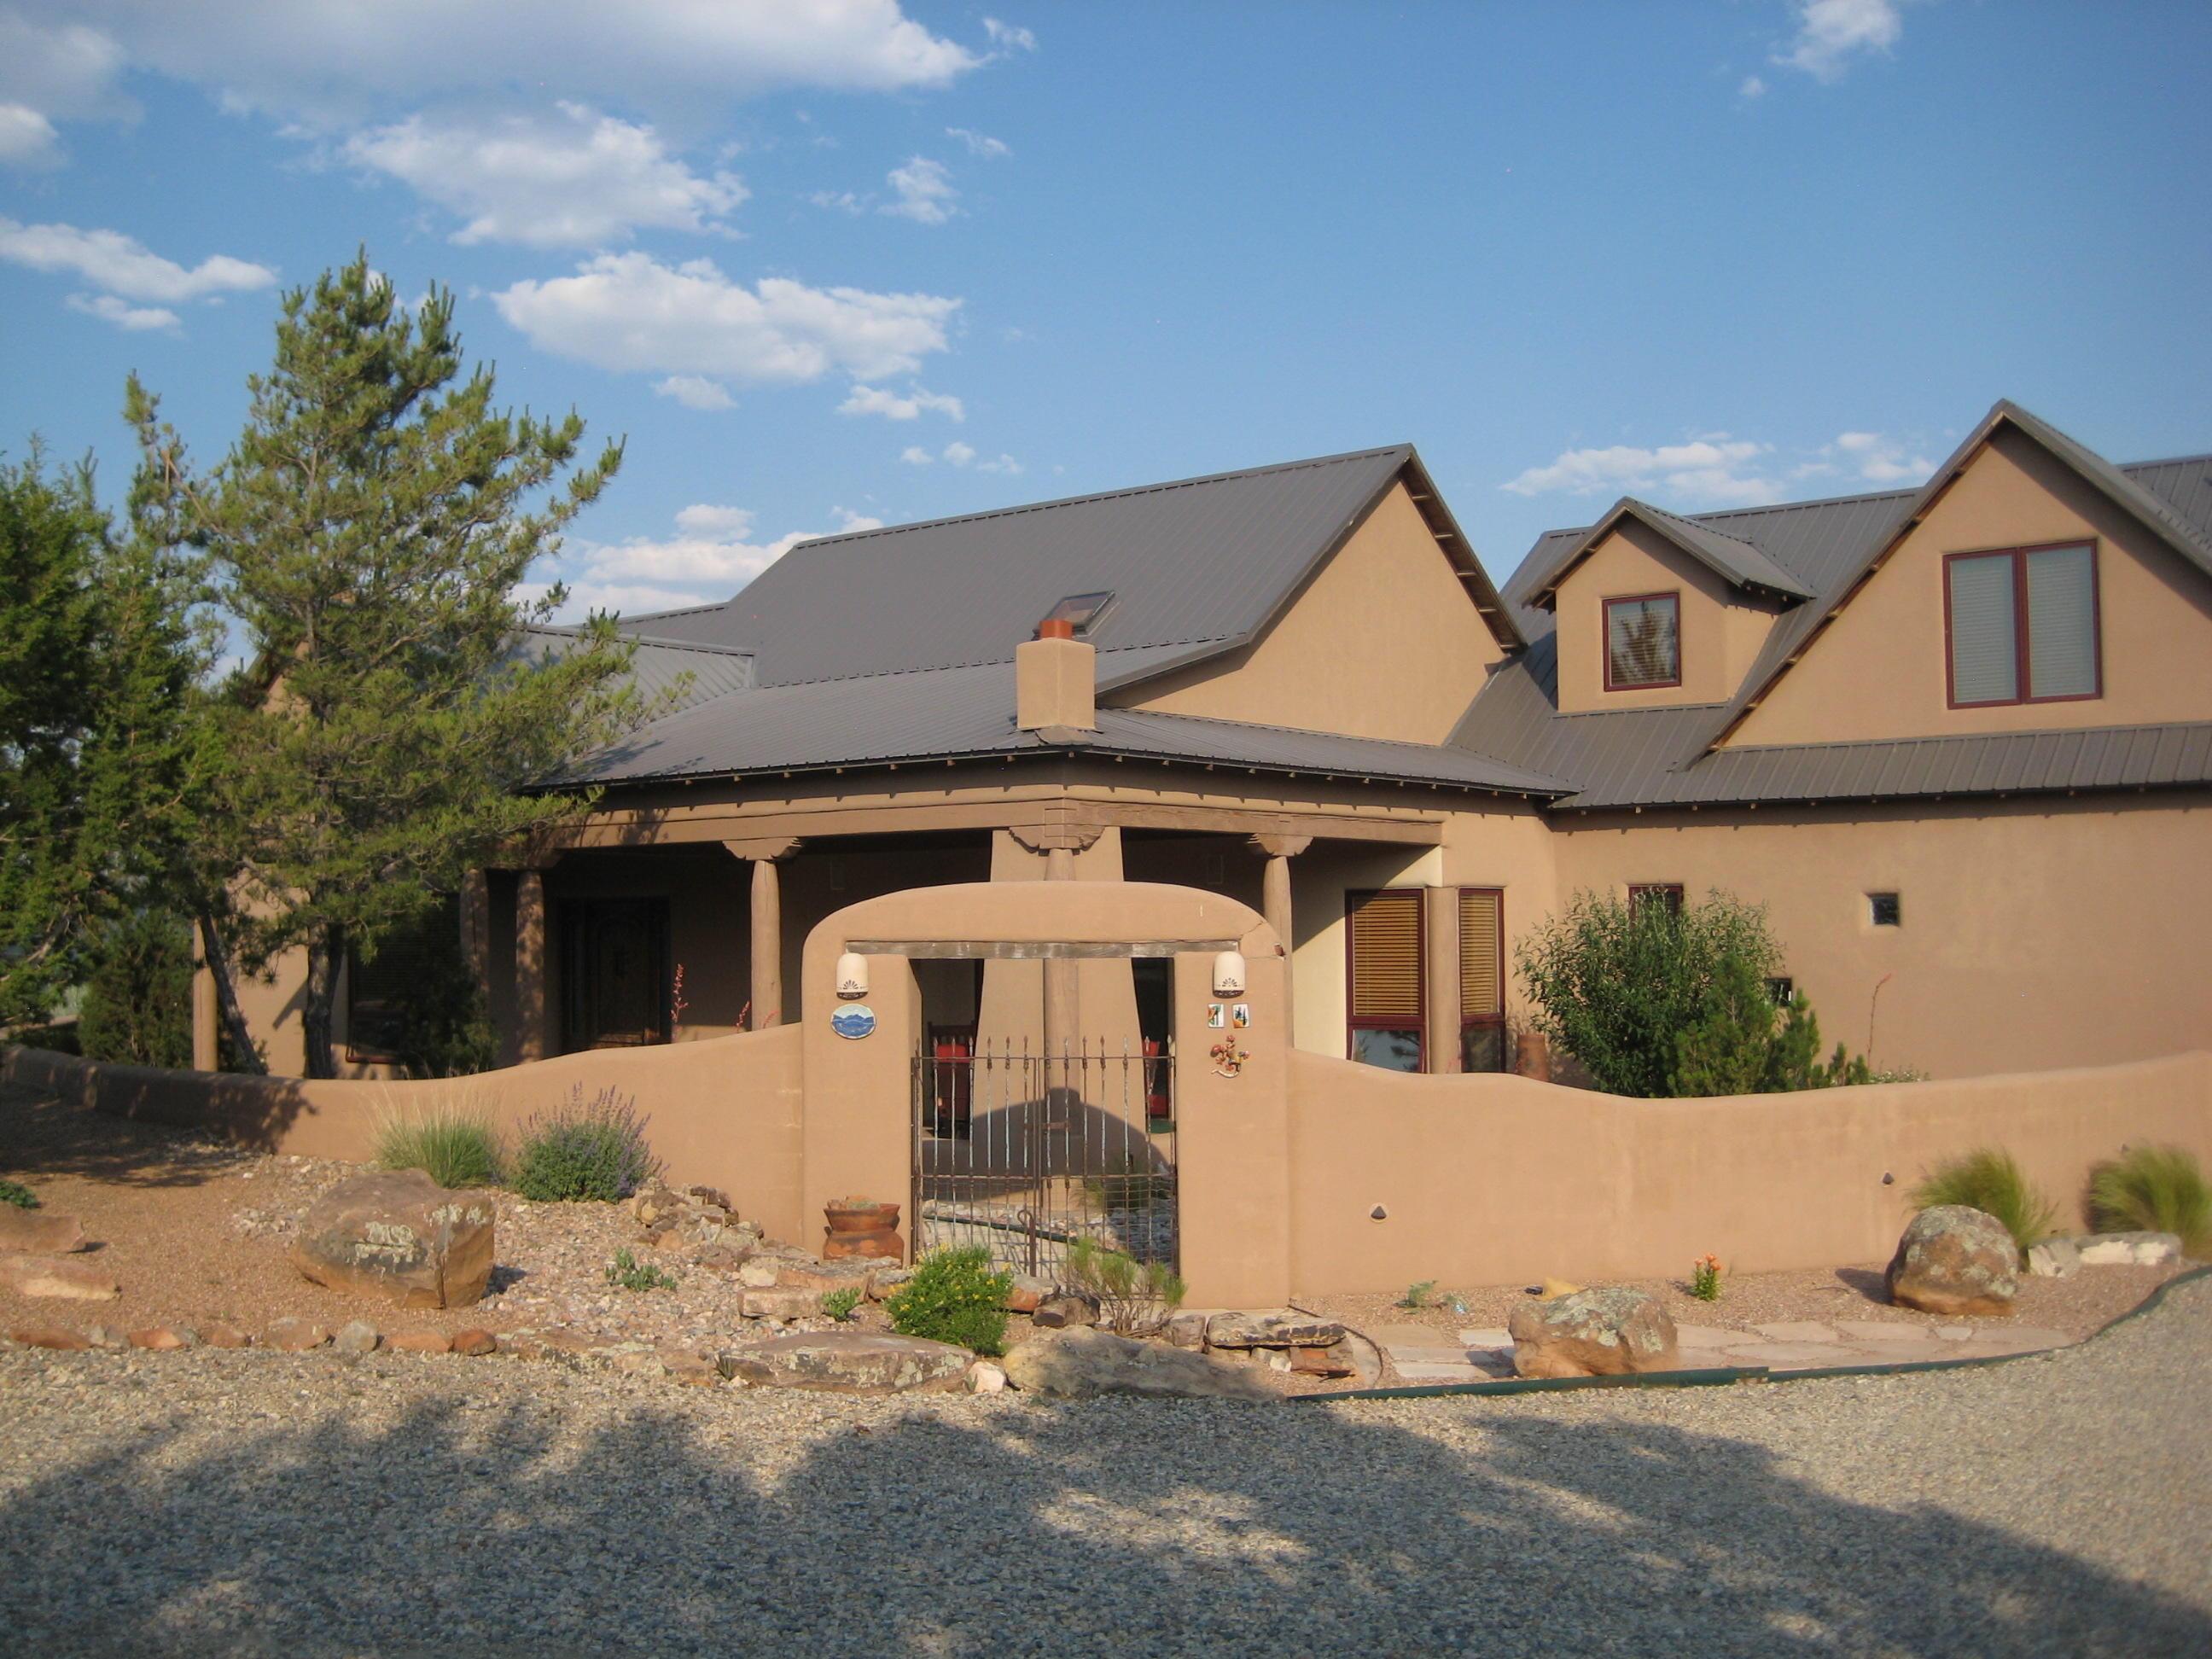 14 VIA ENTRADA Property Photo - Sandia Park, NM real estate listing